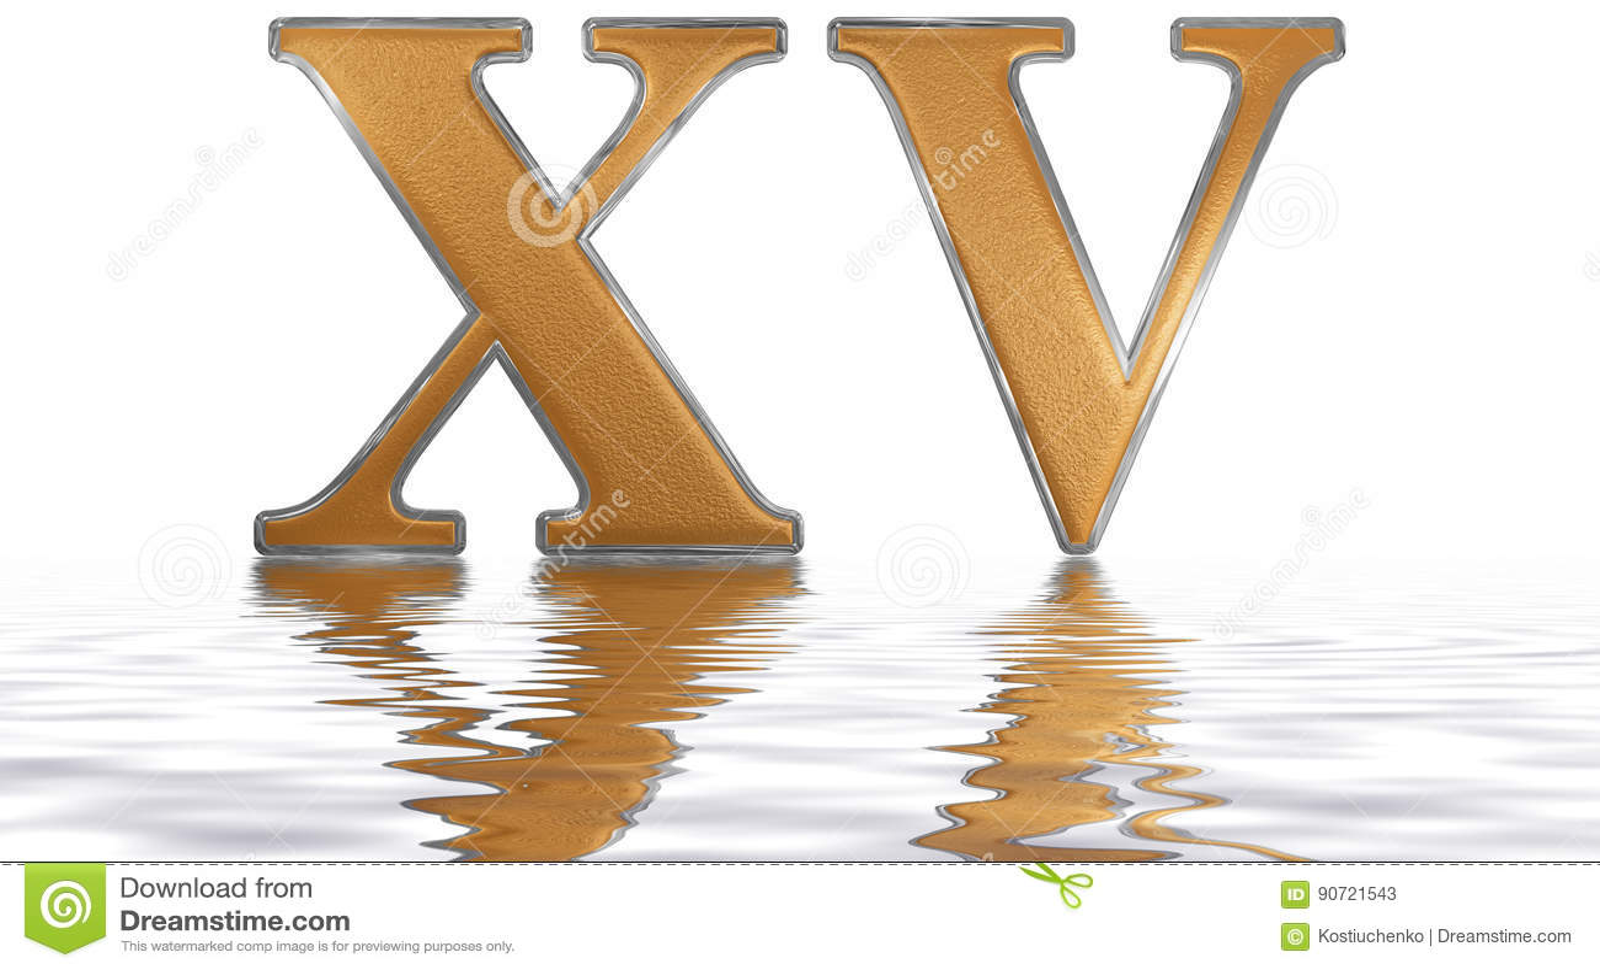 chiffre romain xv quindecim 15 quinze r fl chis sur l. Black Bedroom Furniture Sets. Home Design Ideas